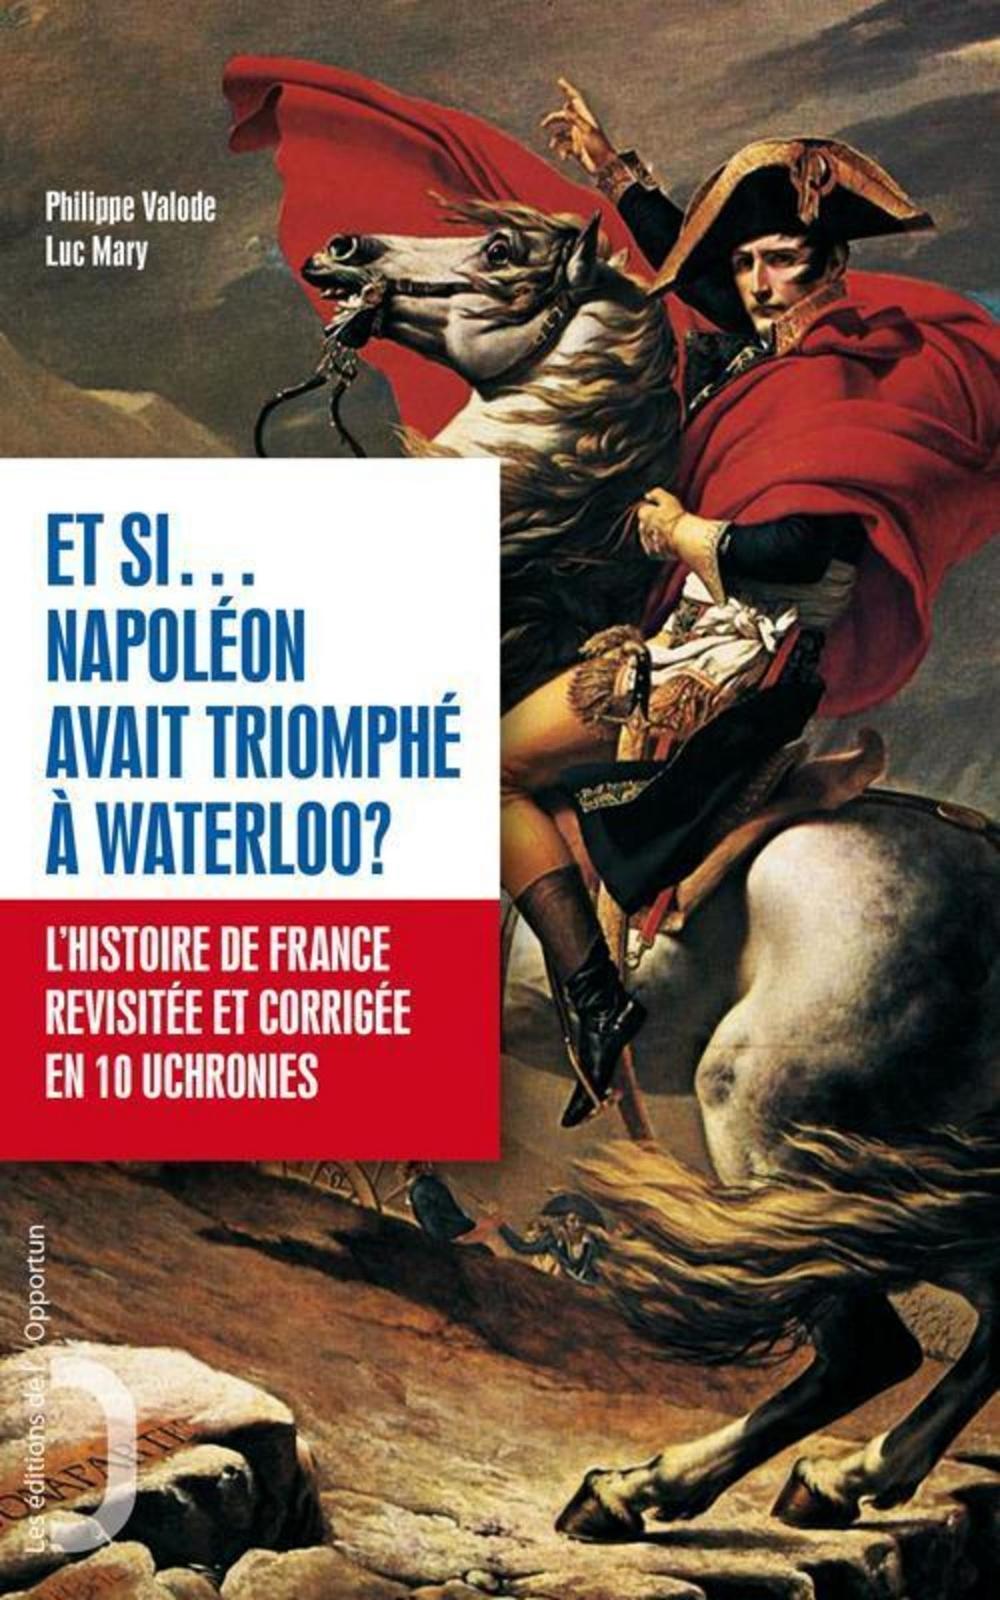 Et si...Napoléon avant triomphé à Waterloo ? L'his